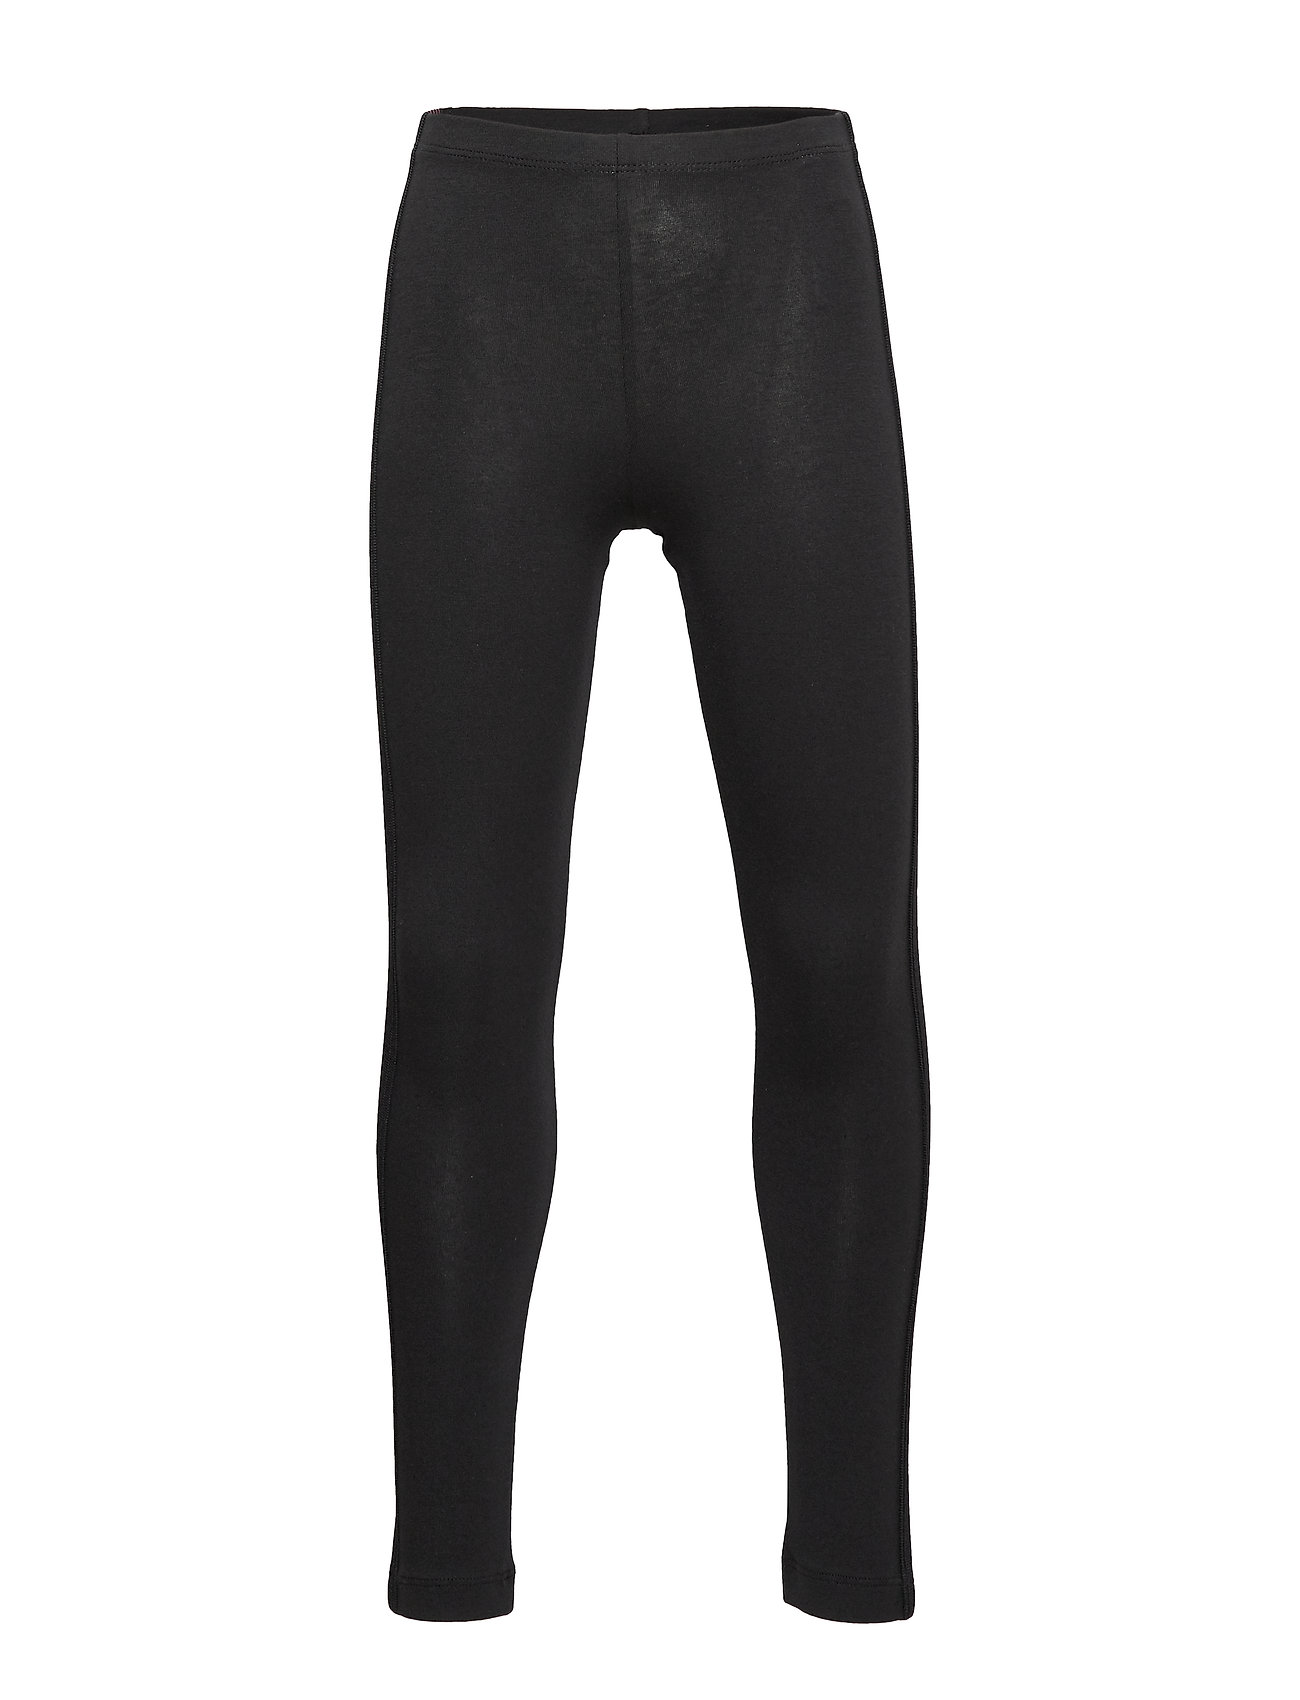 adidas Originals TAPE LEGGINGS - BLACK/CBURGU